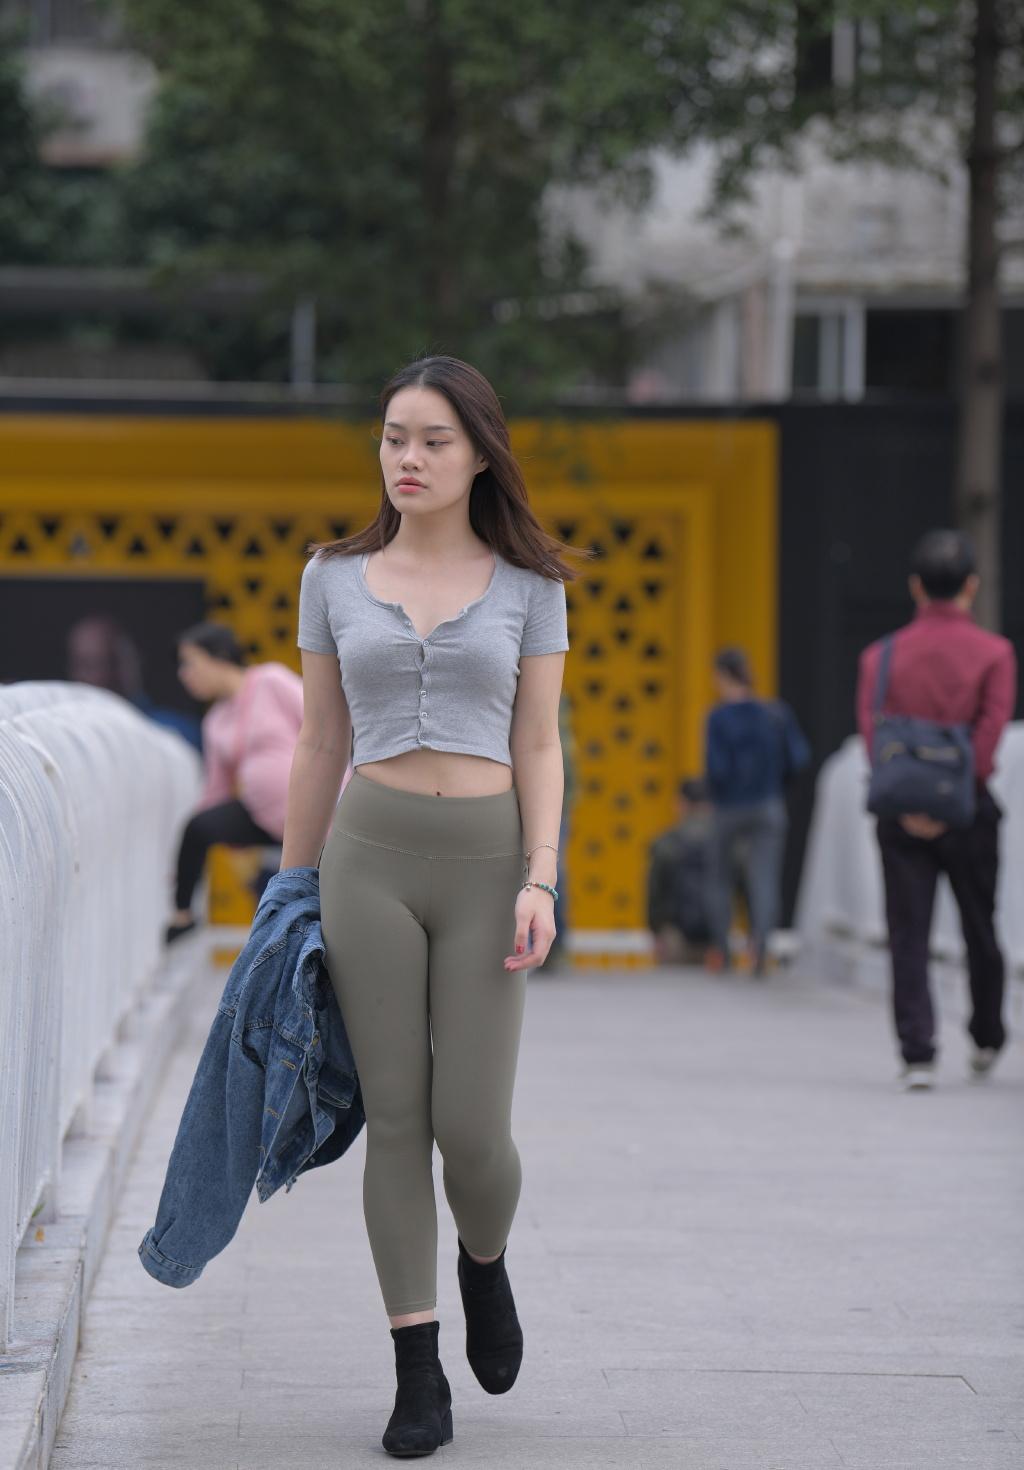 健身小姐姐很自信,穿这样的裤子出街,时尚又有型